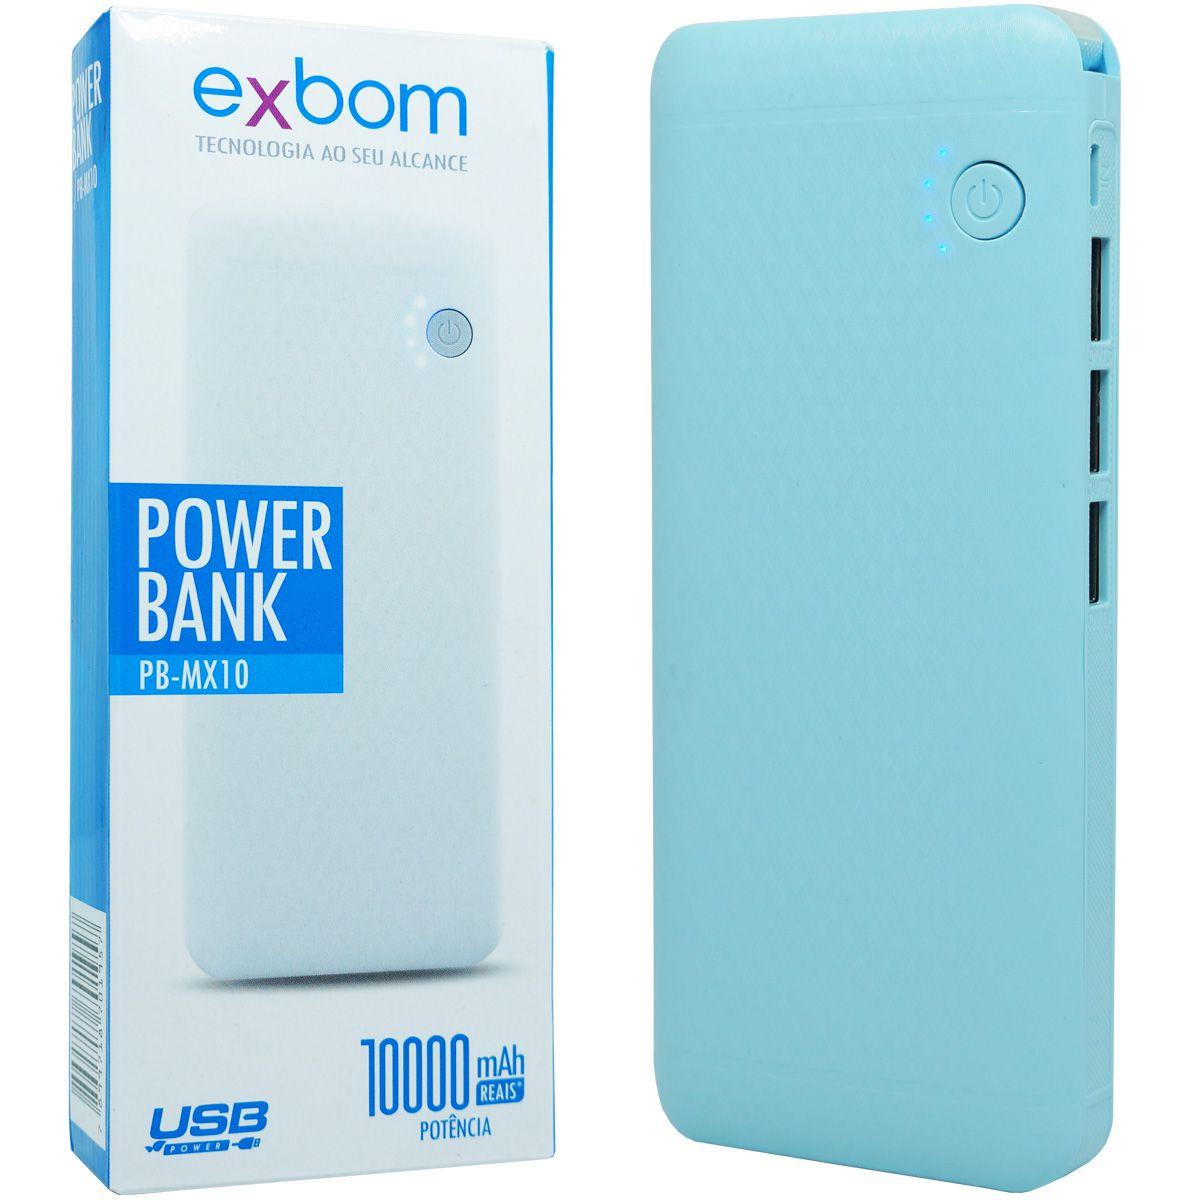 Carregador Portátil Power Bank Bateria 10000 mAh Celular 3x Usb Lanterna Exbom PB-MX10 Azul